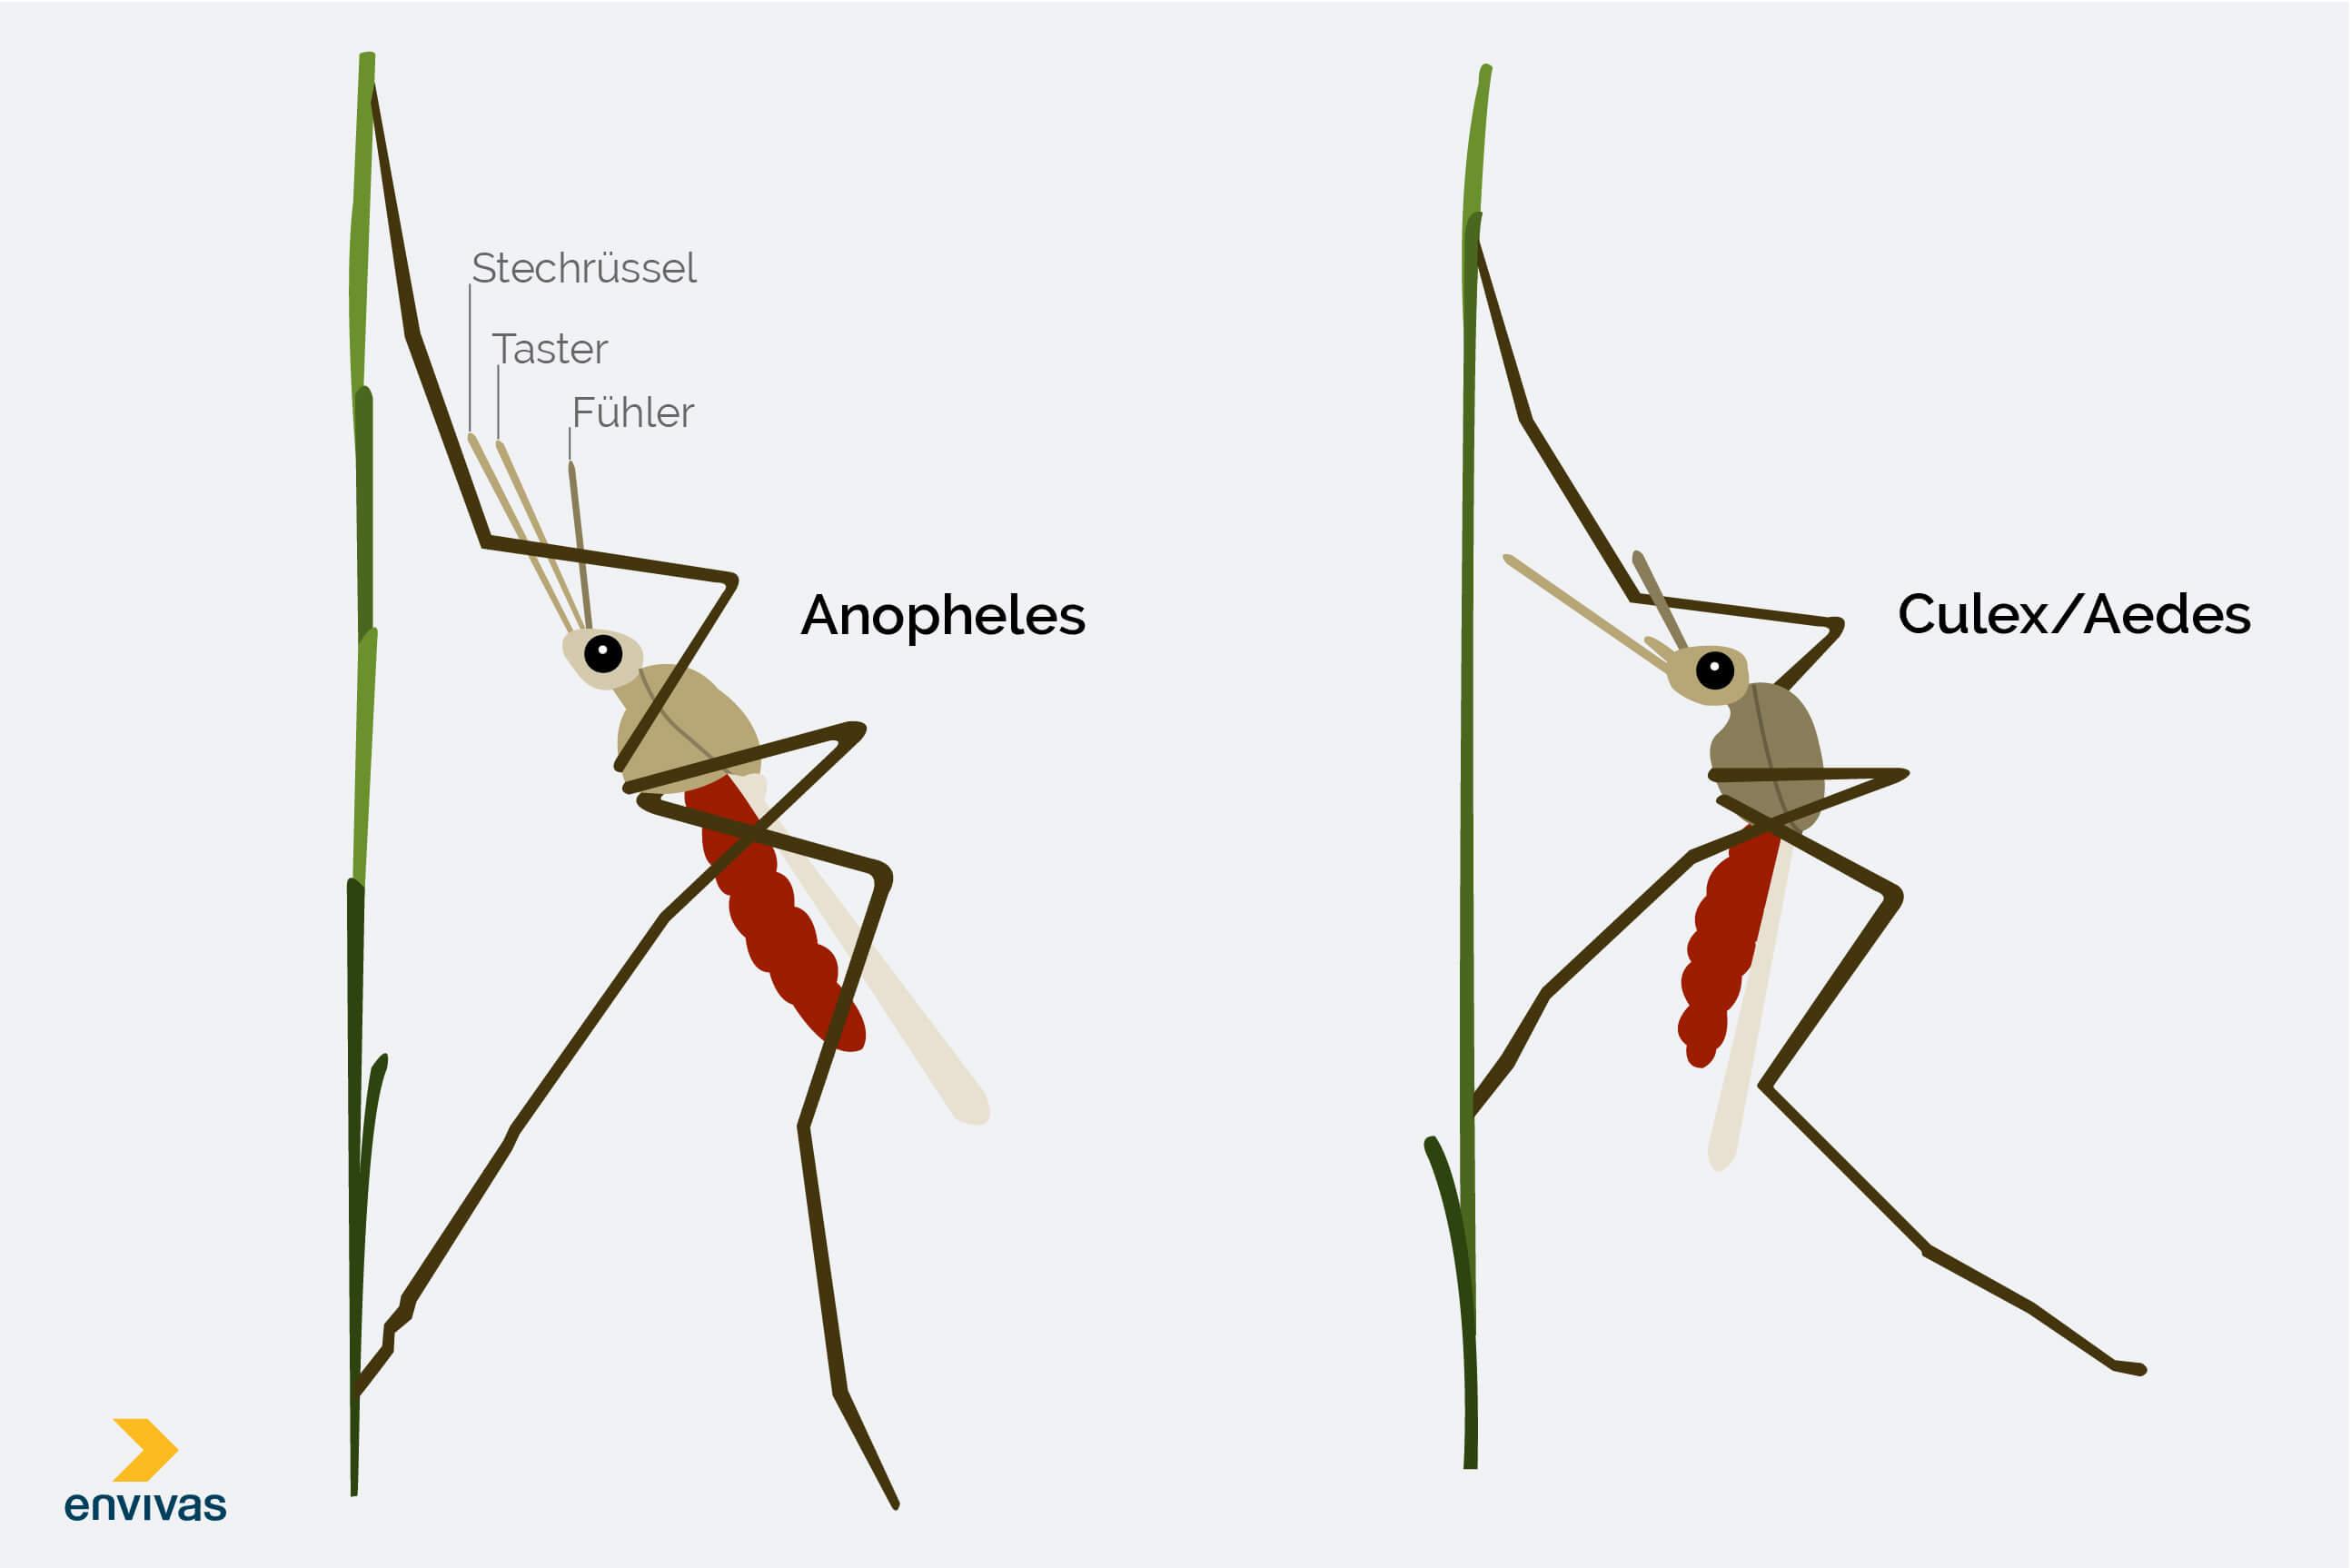 Anopheles-Mücken erkennen - Grafische Darstellung